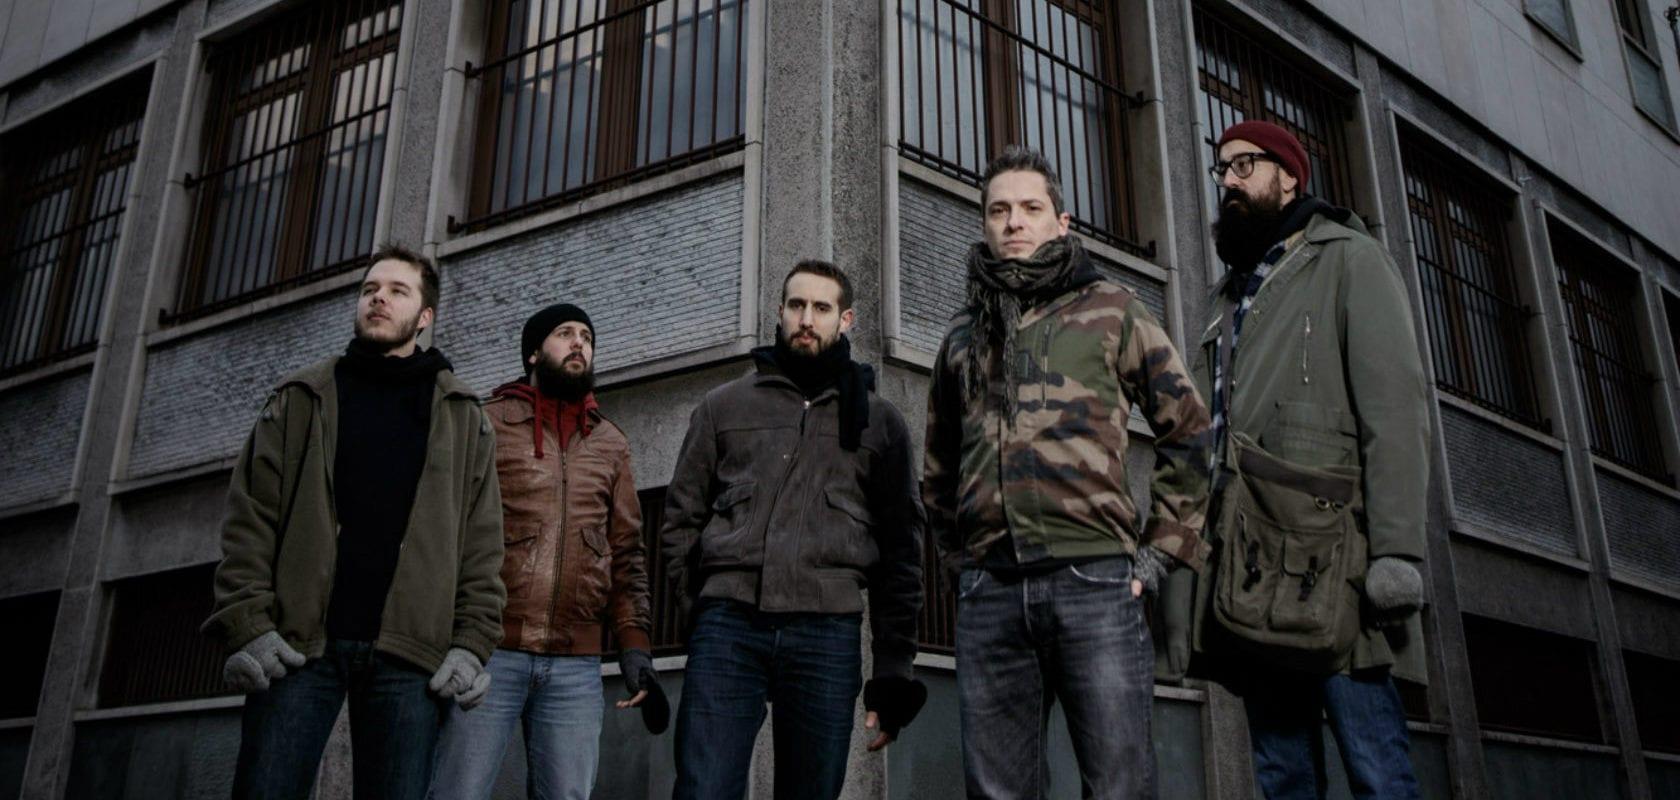 LDDSM, parrains strasbourgeois du stoner, en concert mardi avec leur 3e album